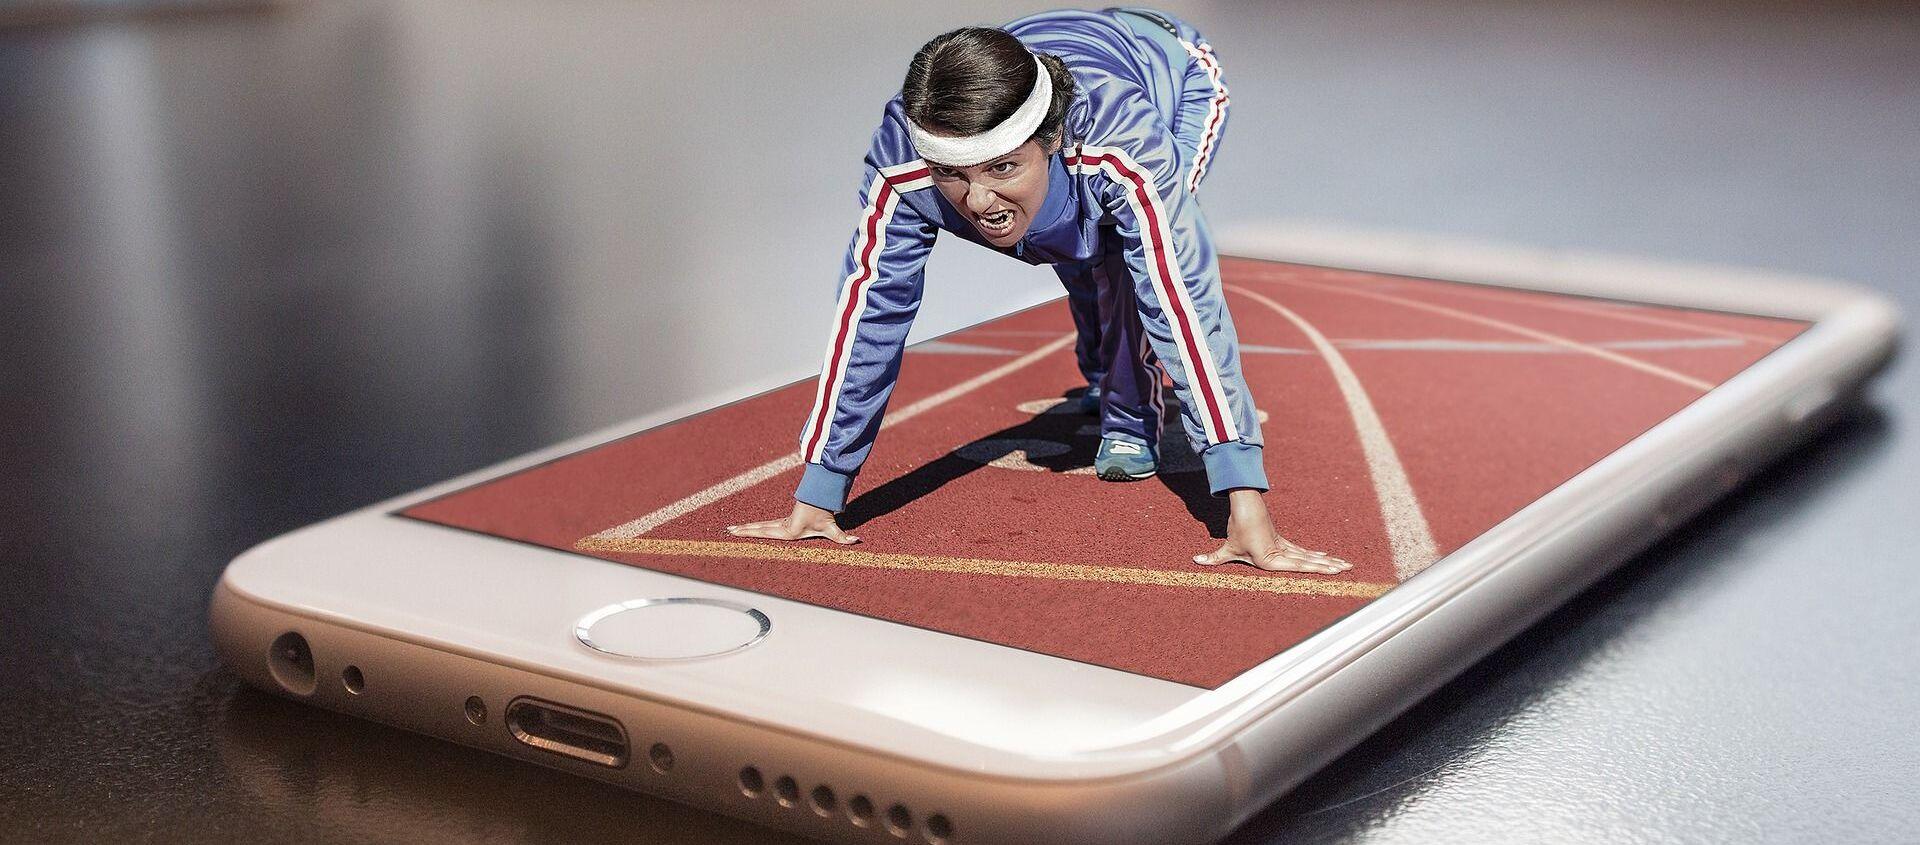 Imagen referencial de una chica entrenando a través de un teléfono móvil - Sputnik Mundo, 1920, 26.01.2021